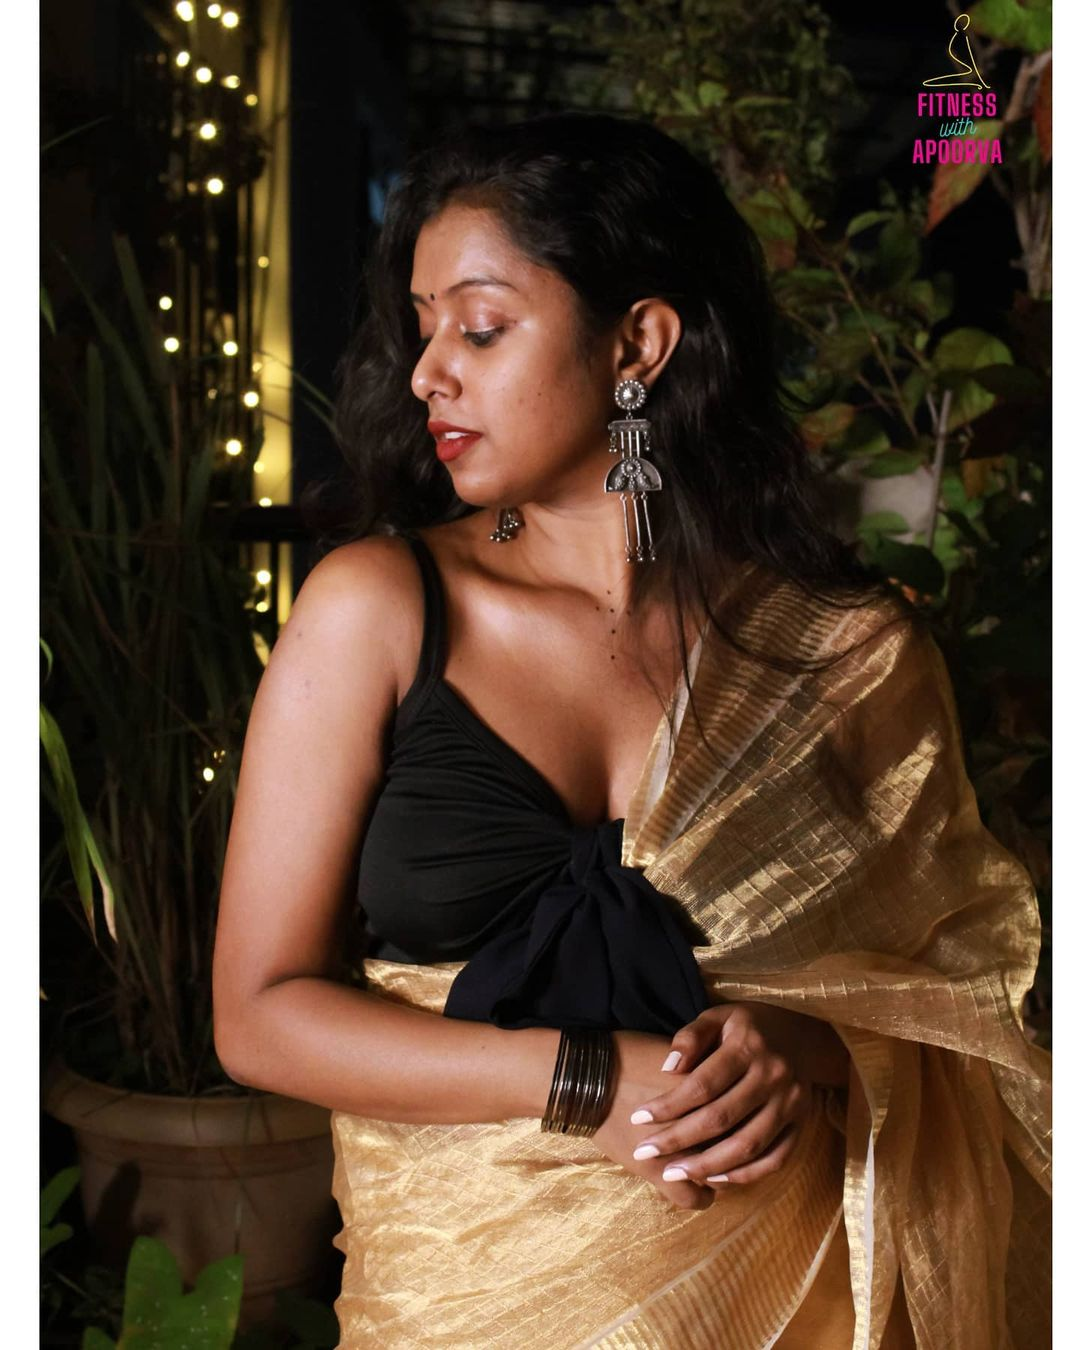 Instagram star Apoorva Jayarajan Photo Gallery (42)